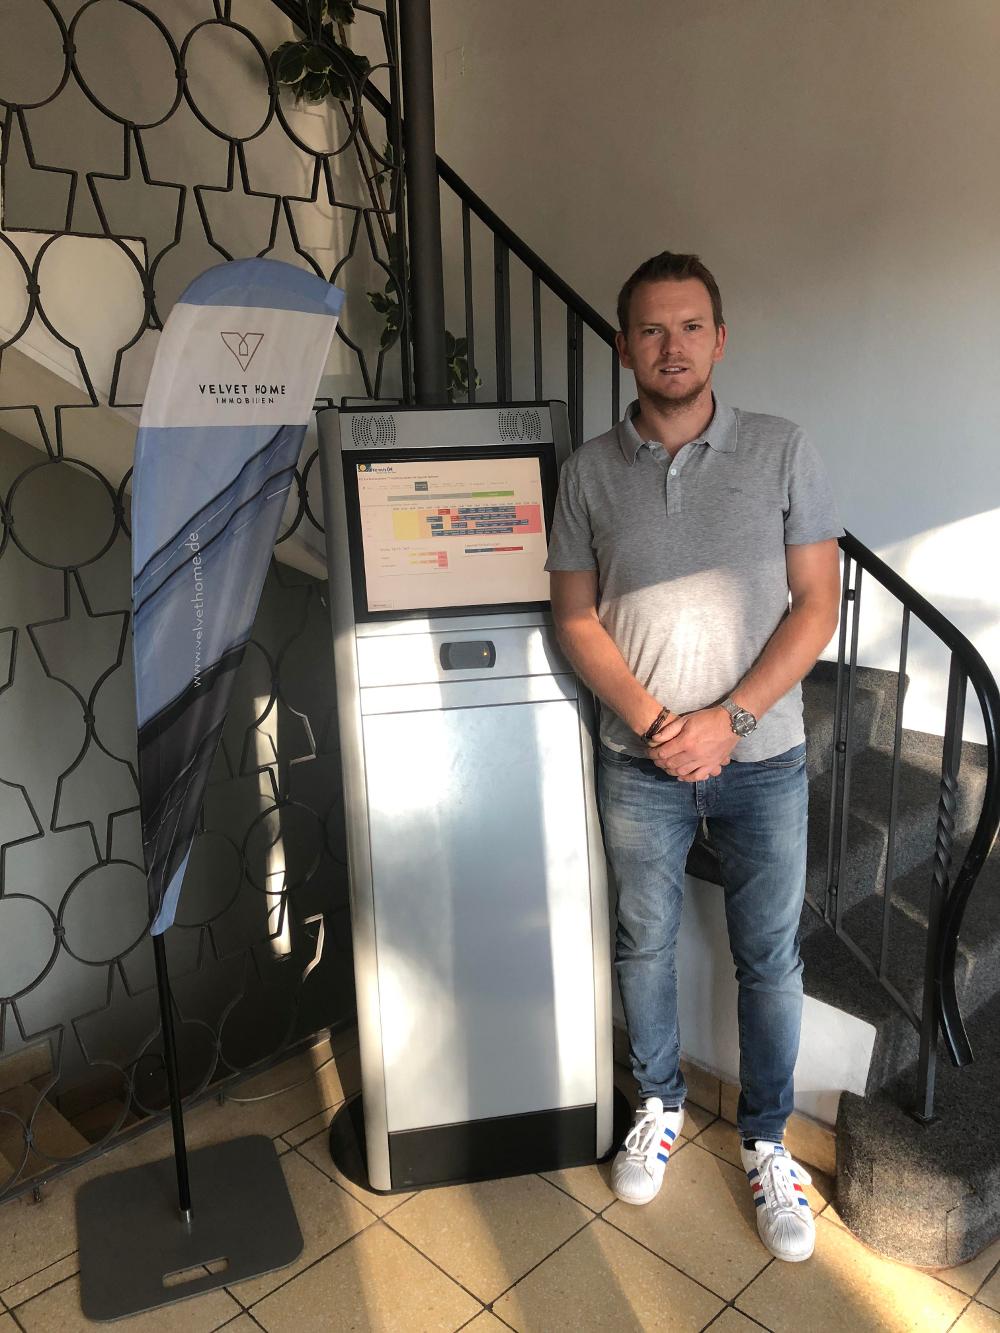 TC-Augsburg-Herr-Paul-mit-Touchterminal-von-tennis04-2018